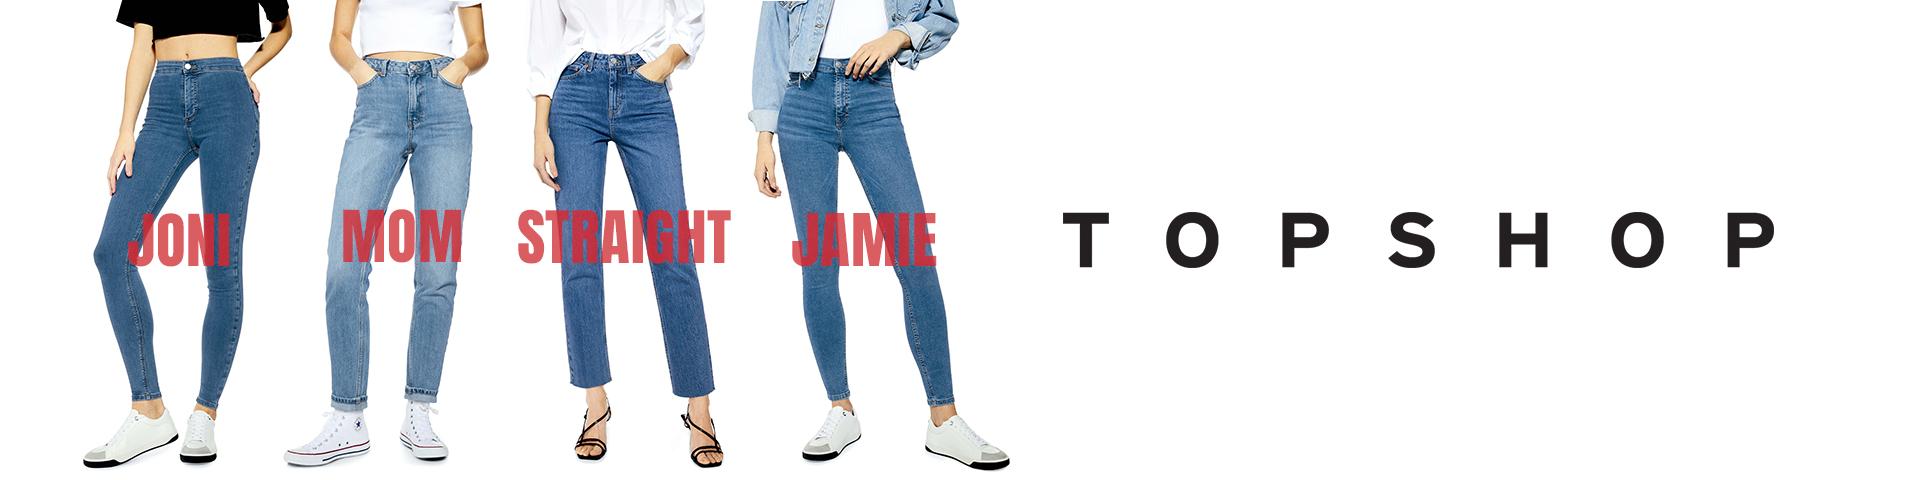 Jeans für Damen Größe 30 versandkostenfrei kaufen | ZALANDO